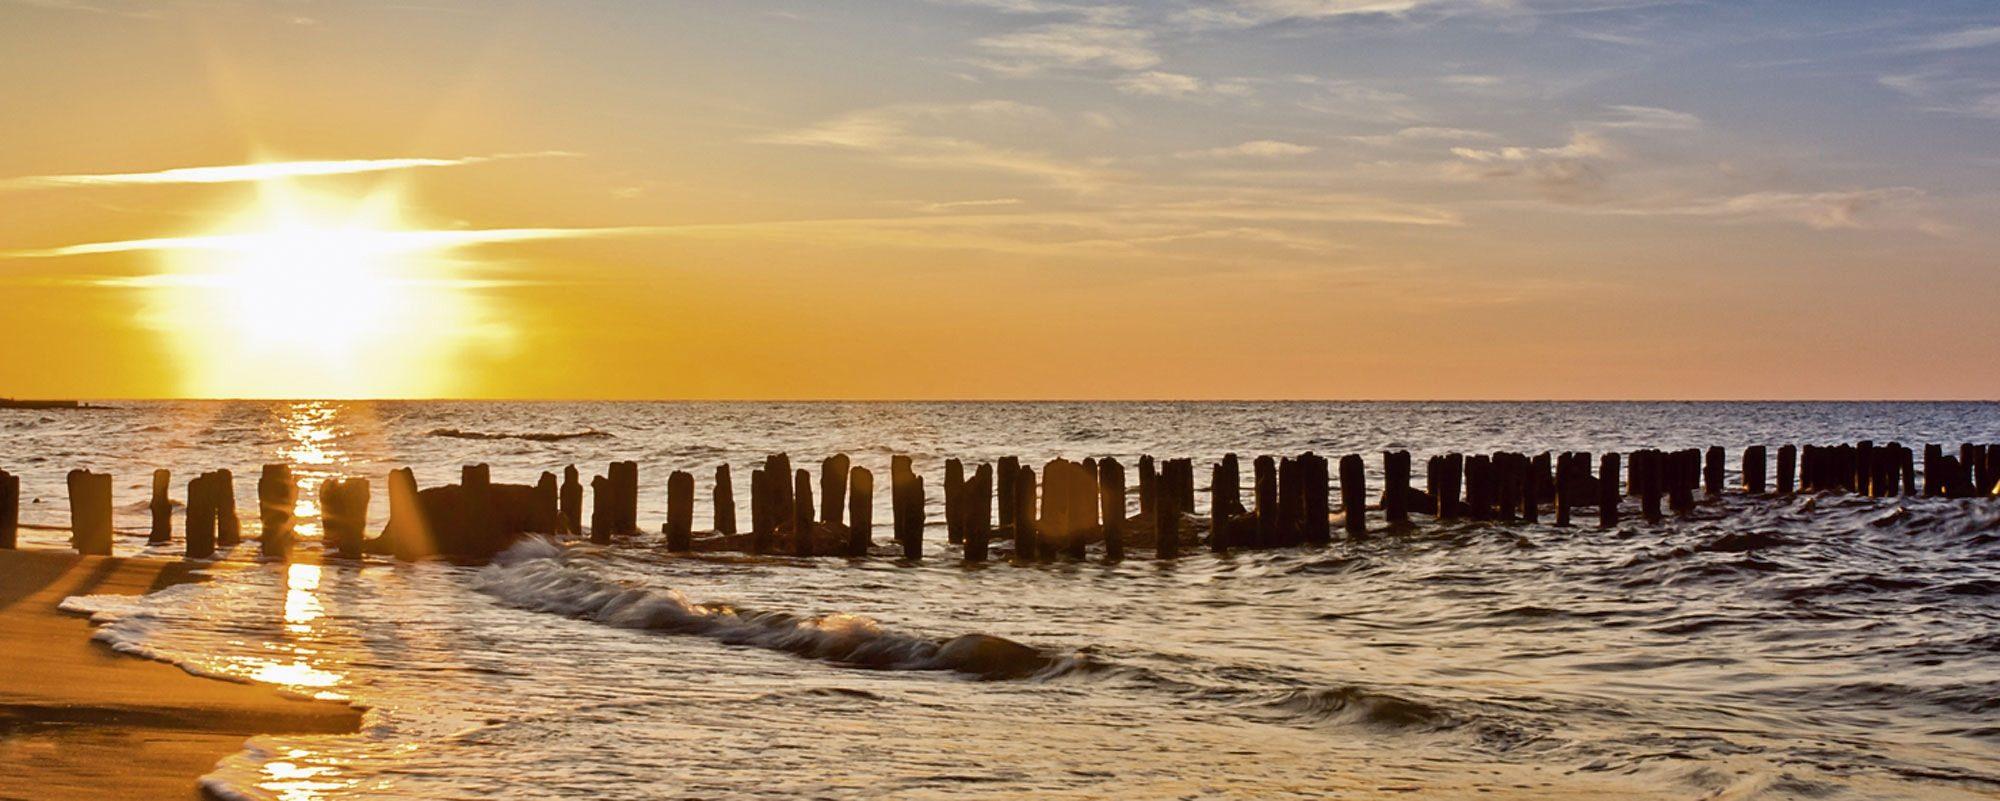 Home affaire, Glasbild, »S. Decoret: Schöner Sonnenuntergang am Strand«, 125/50 cm